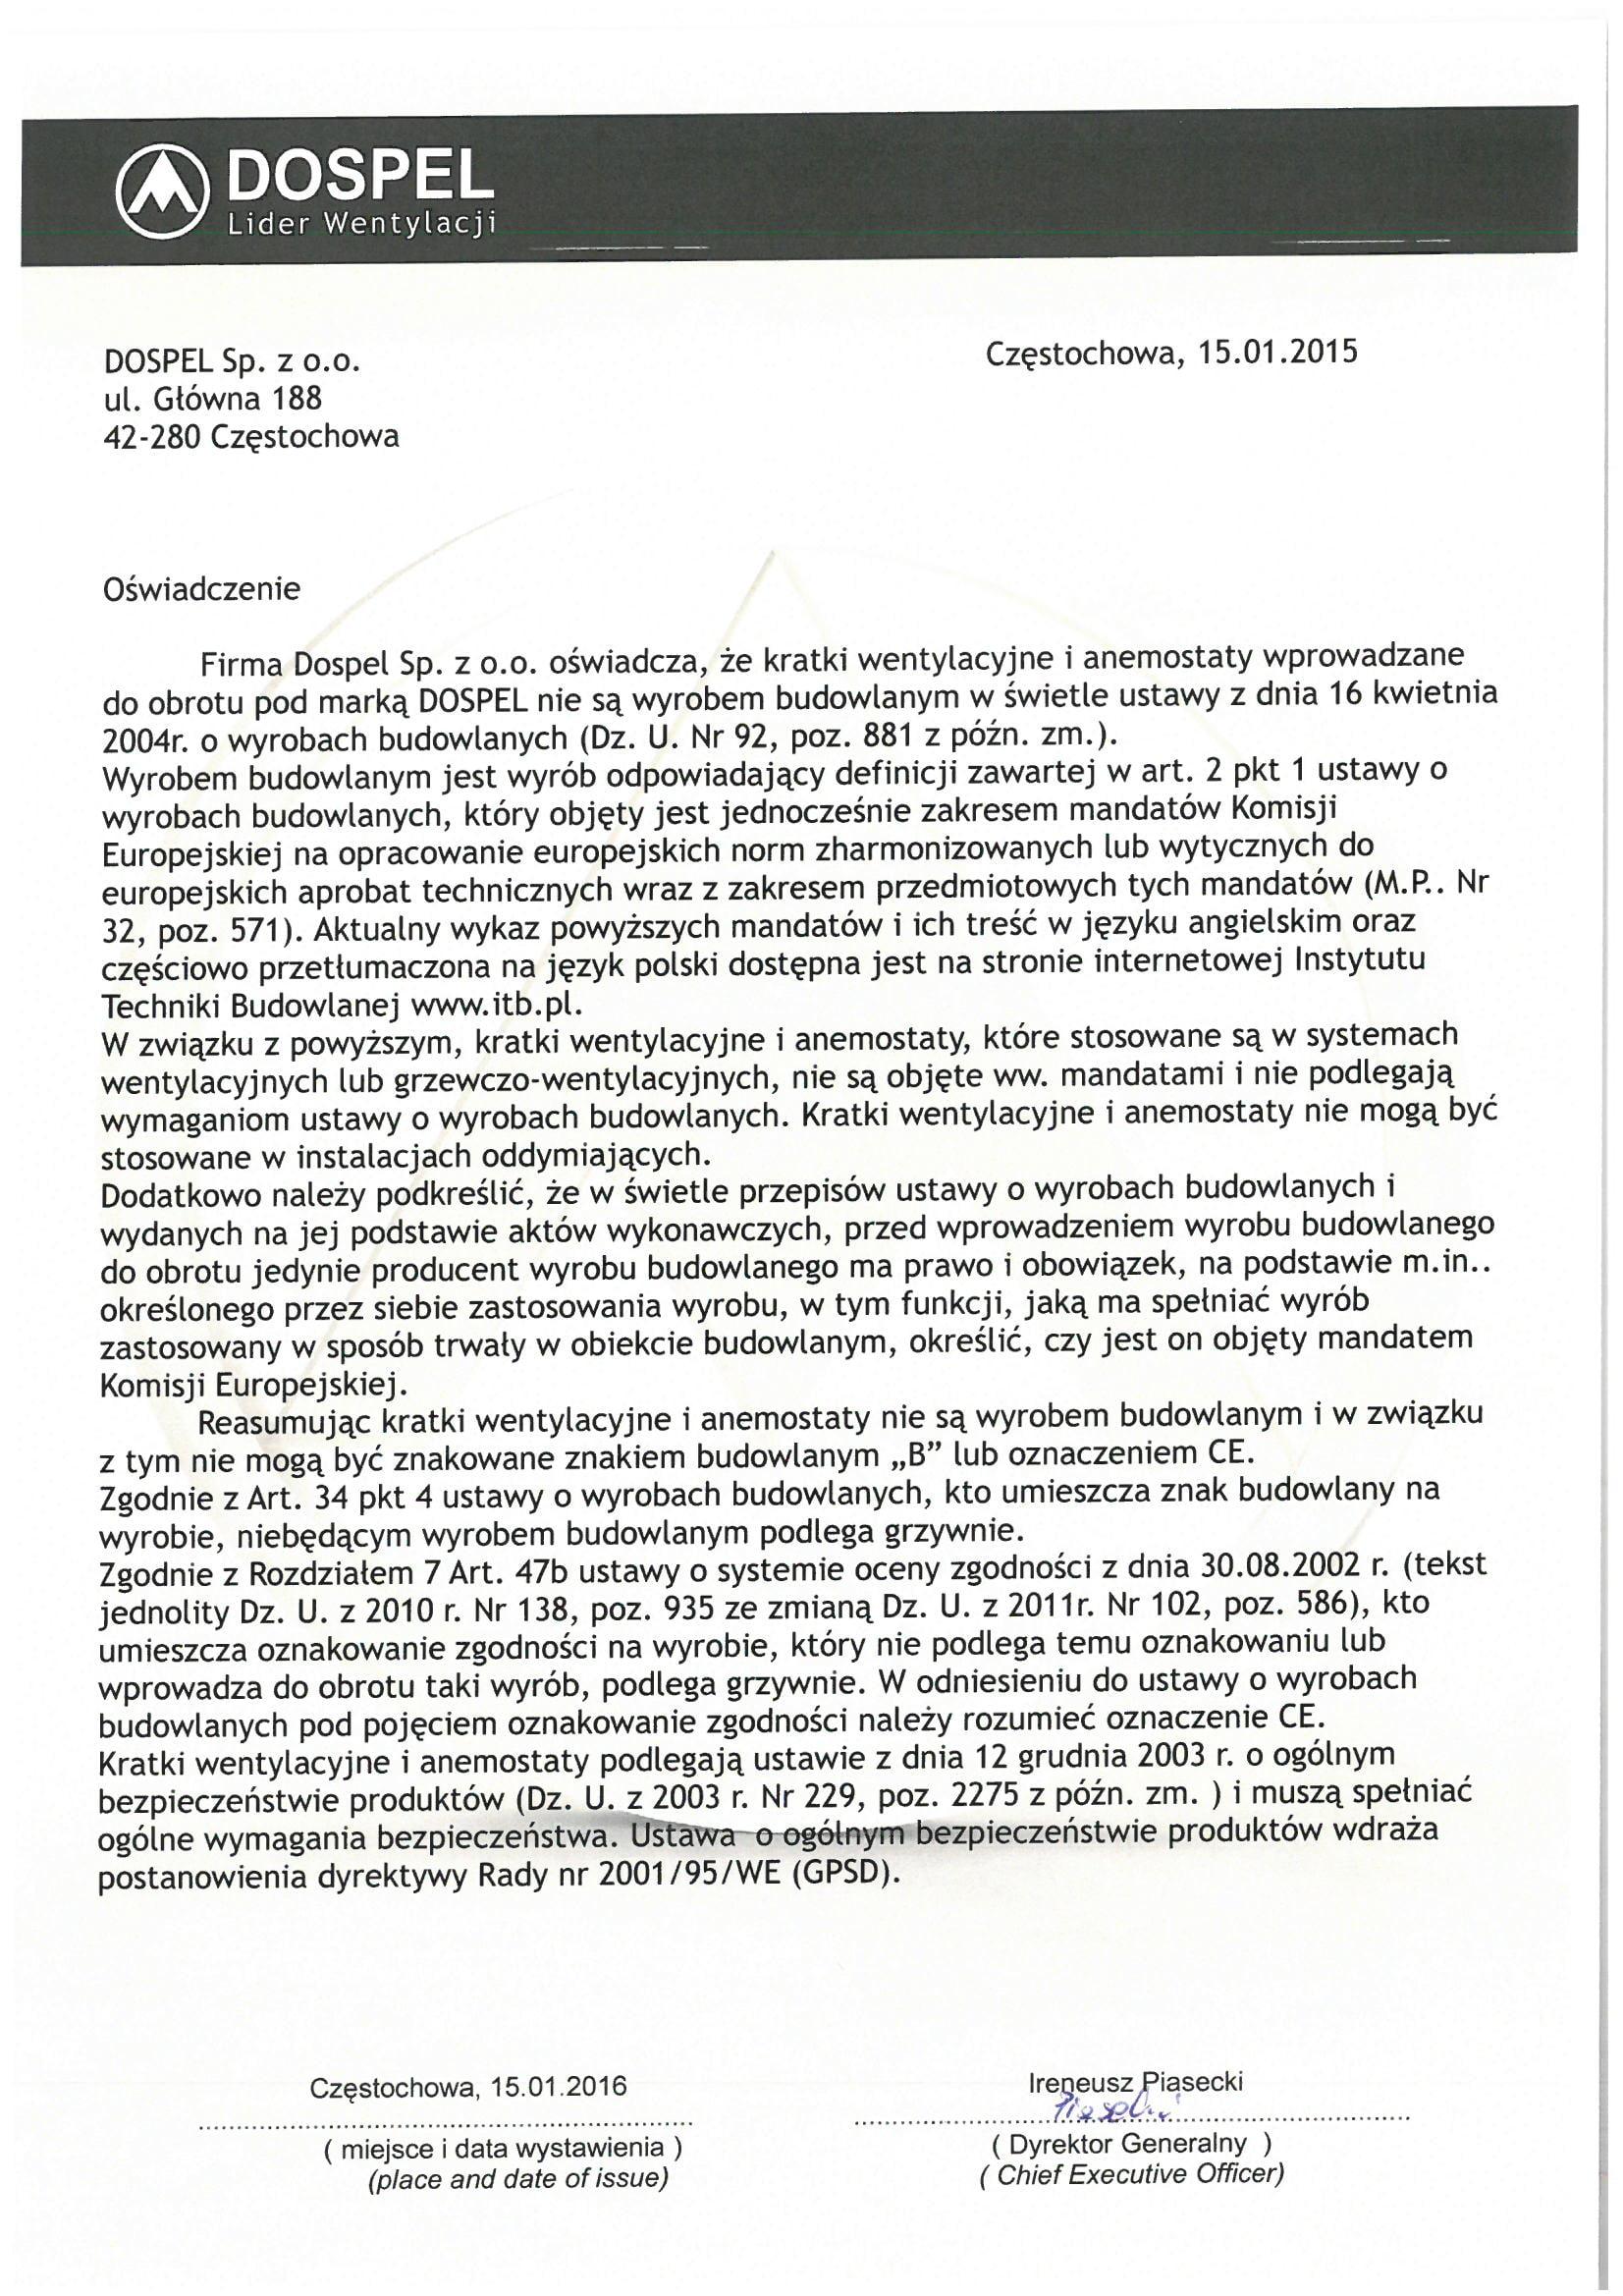 Kratki wentylacyjne, certyfikat, oświadczenie, deklaracja zgodności, producent wentylatorów, Dospel